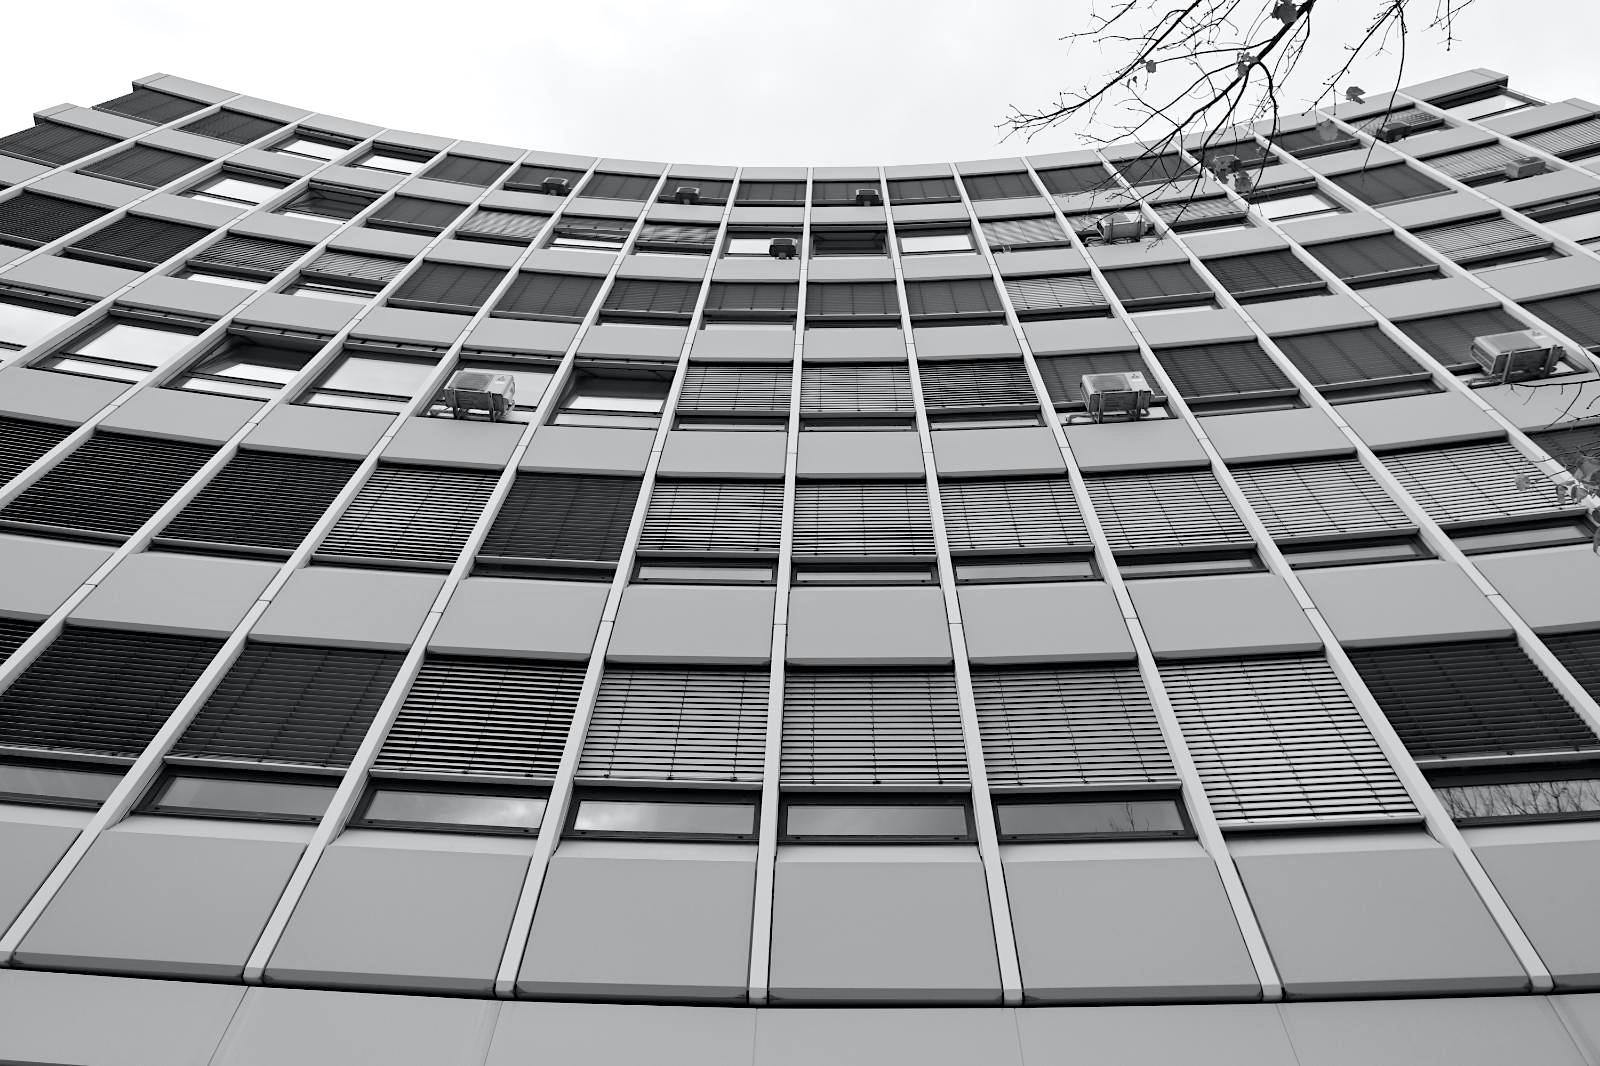 Bürogebäude. Entwurf: Clemens Grimm, Hans-Detlev Rösiger, 1963. Das achtgeschossige Bürogebäude mit der konkaven Form steht quer über einem spitzwinkligen Grundstück an einer markanten Stelle nahe der wichtigen innerstädtischen Kreuzung Kriegstraße und Karlstraße.